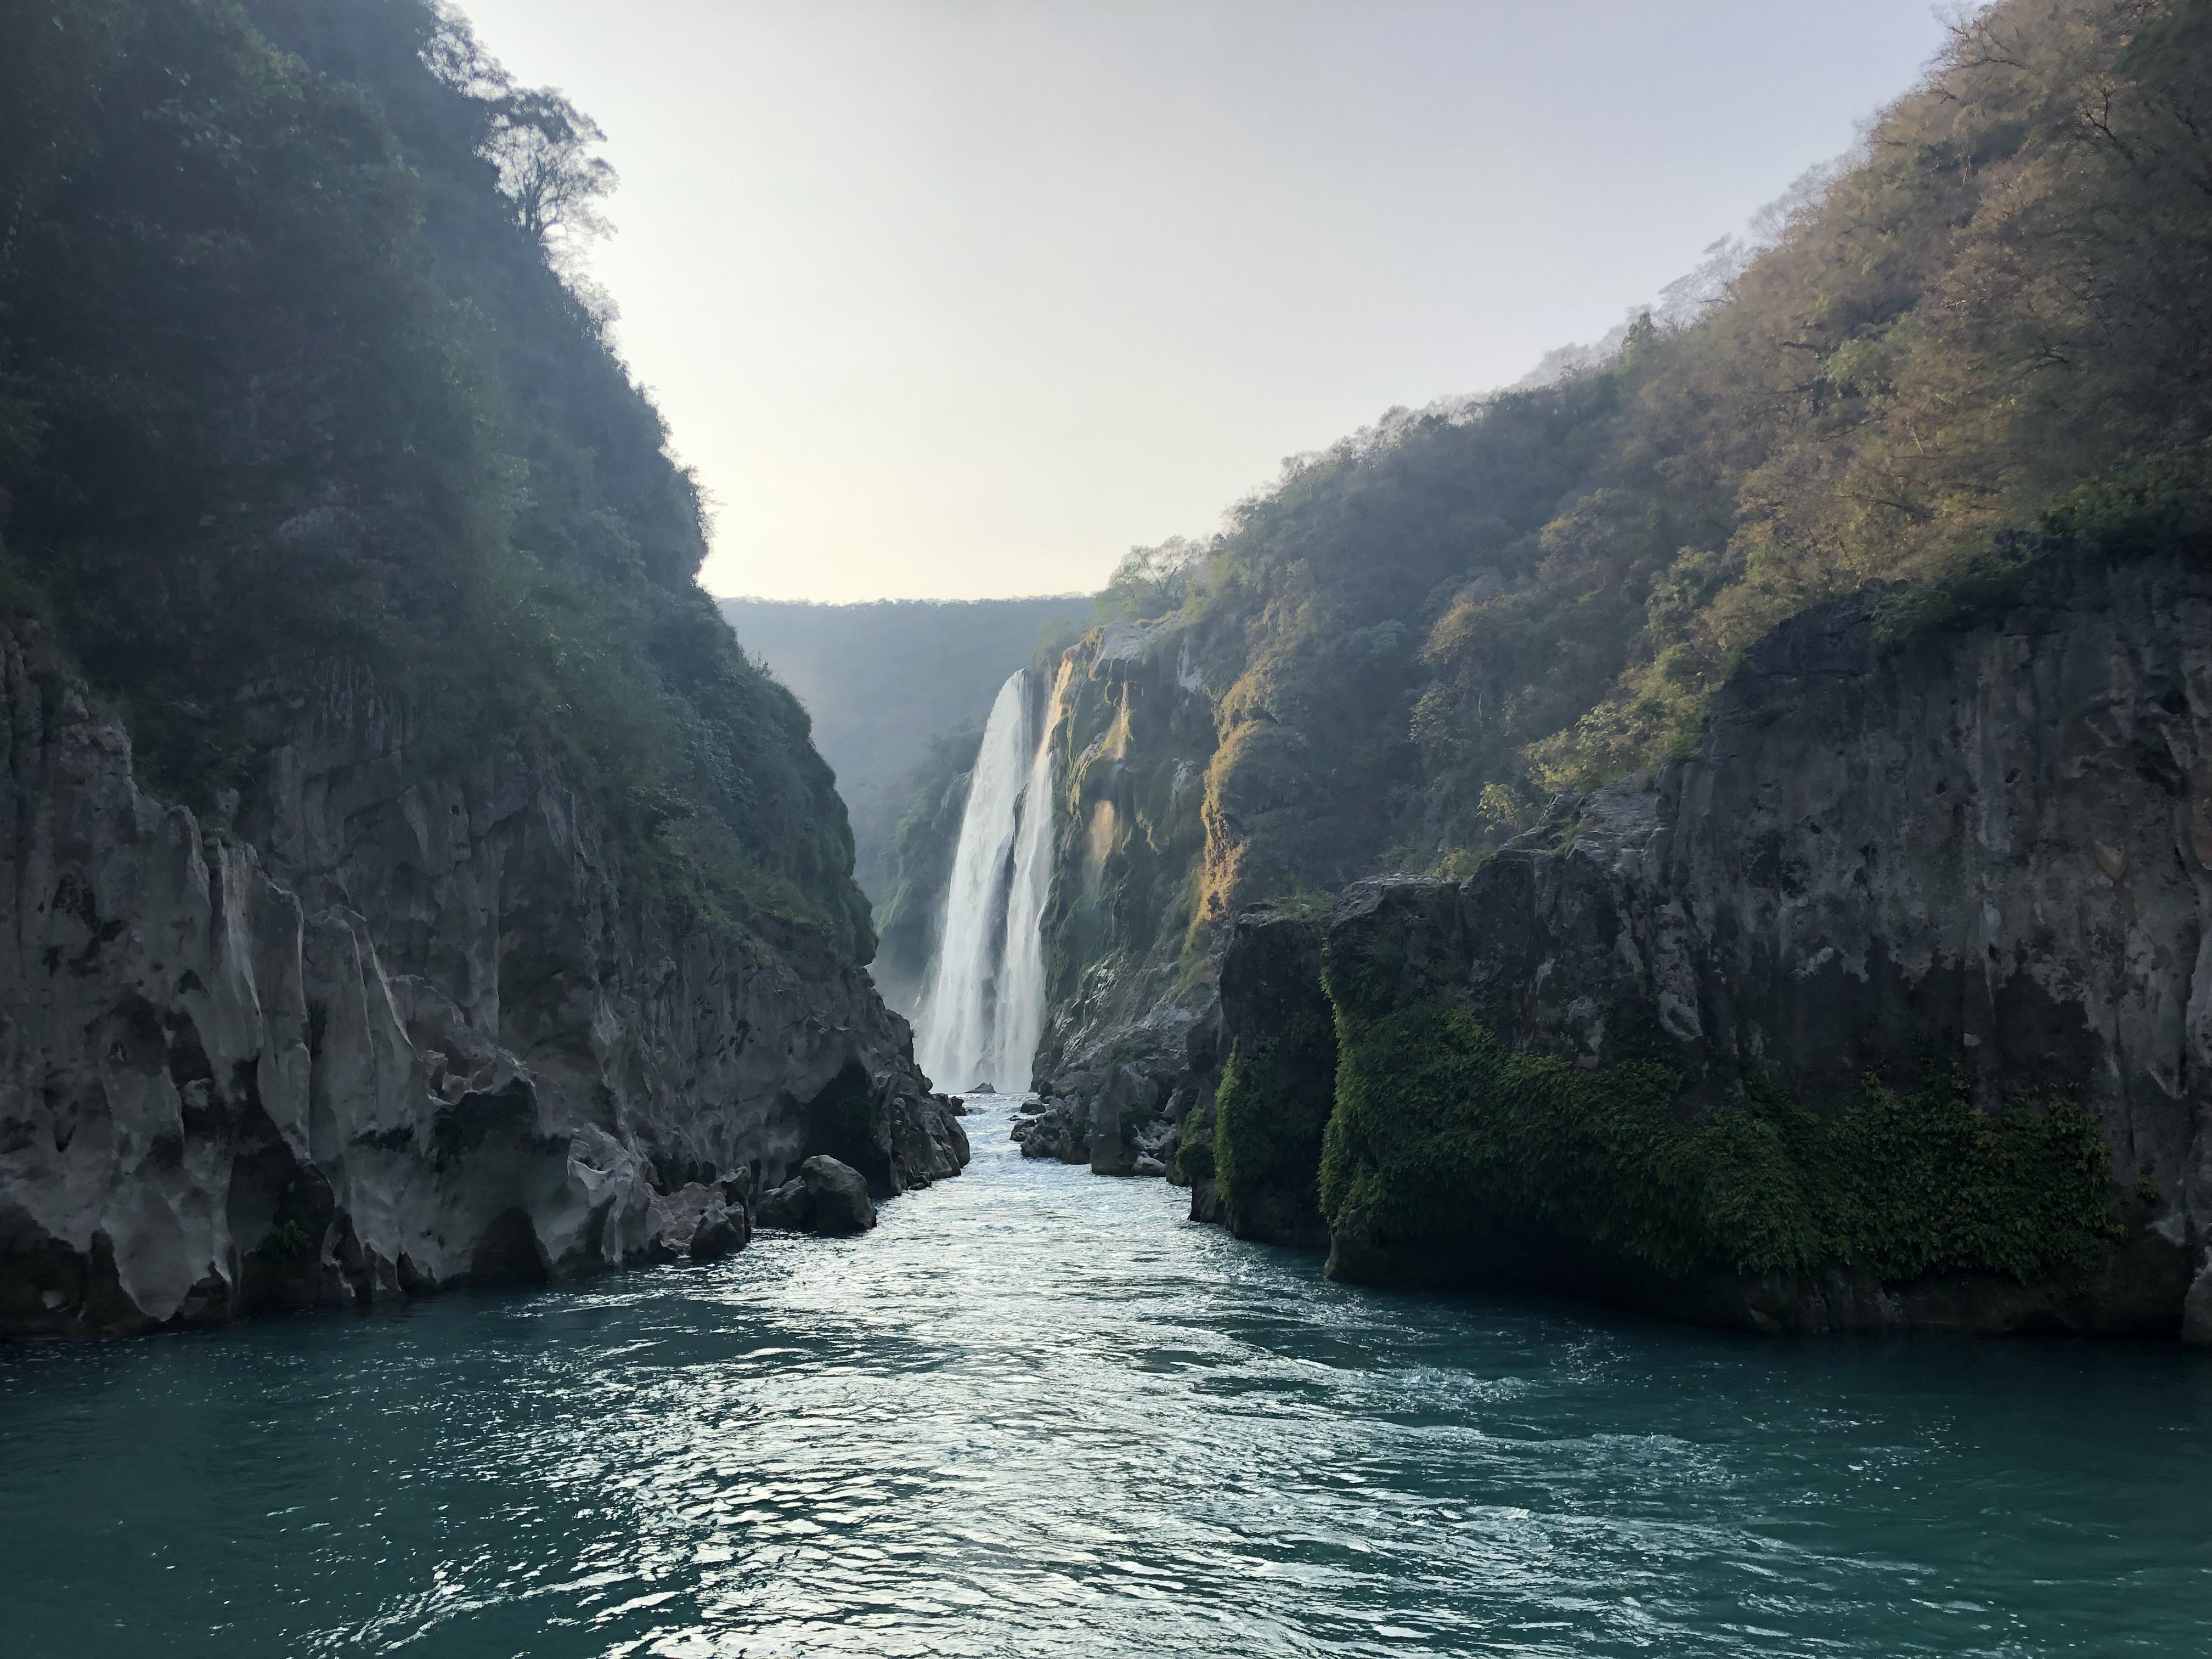 Wasserfall umgeben von Regenwald